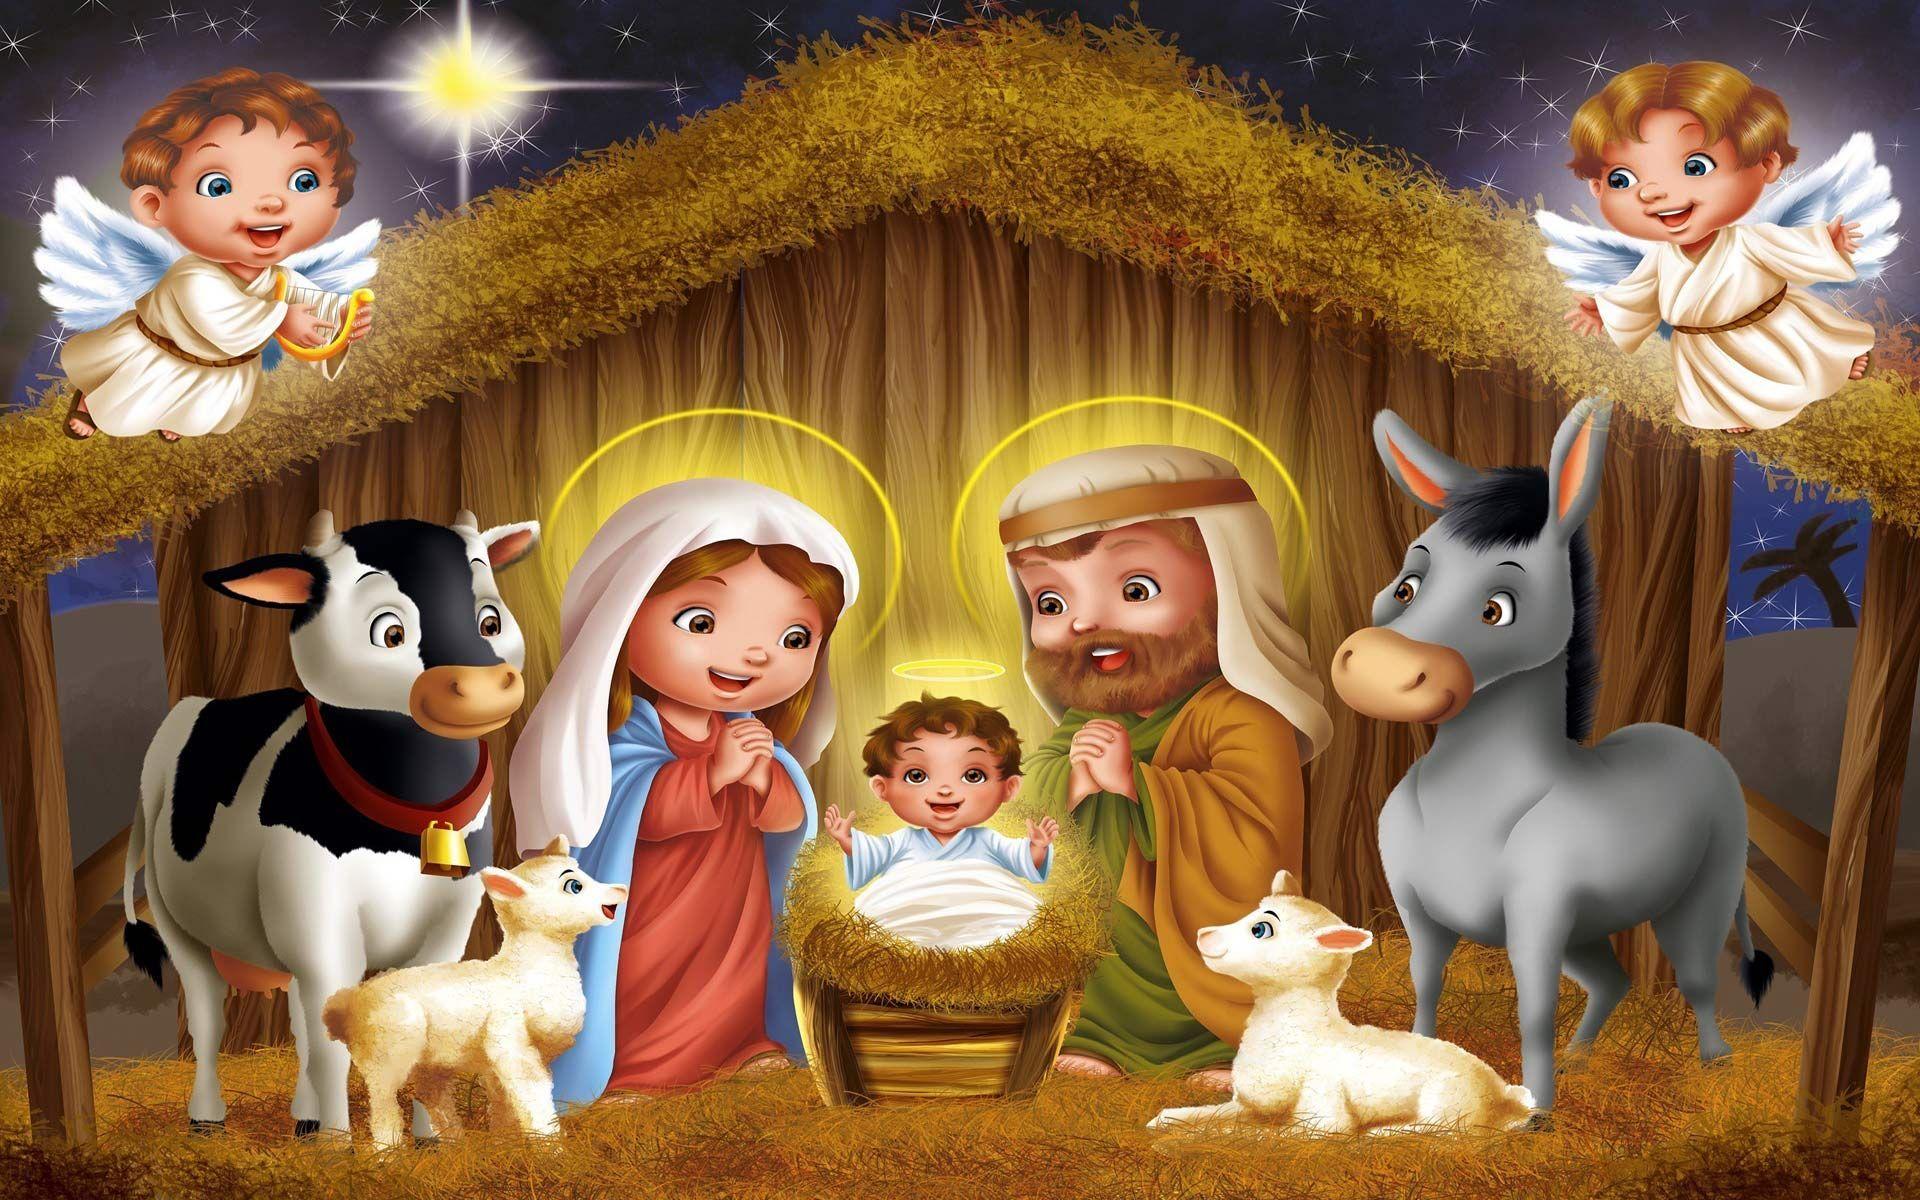 Free Christmas Nativity Free Christmas Nativity Scene Computer Desktop Wallpapers Pictures Christmas Nativity Scene Christmas Nativity Free Christmas